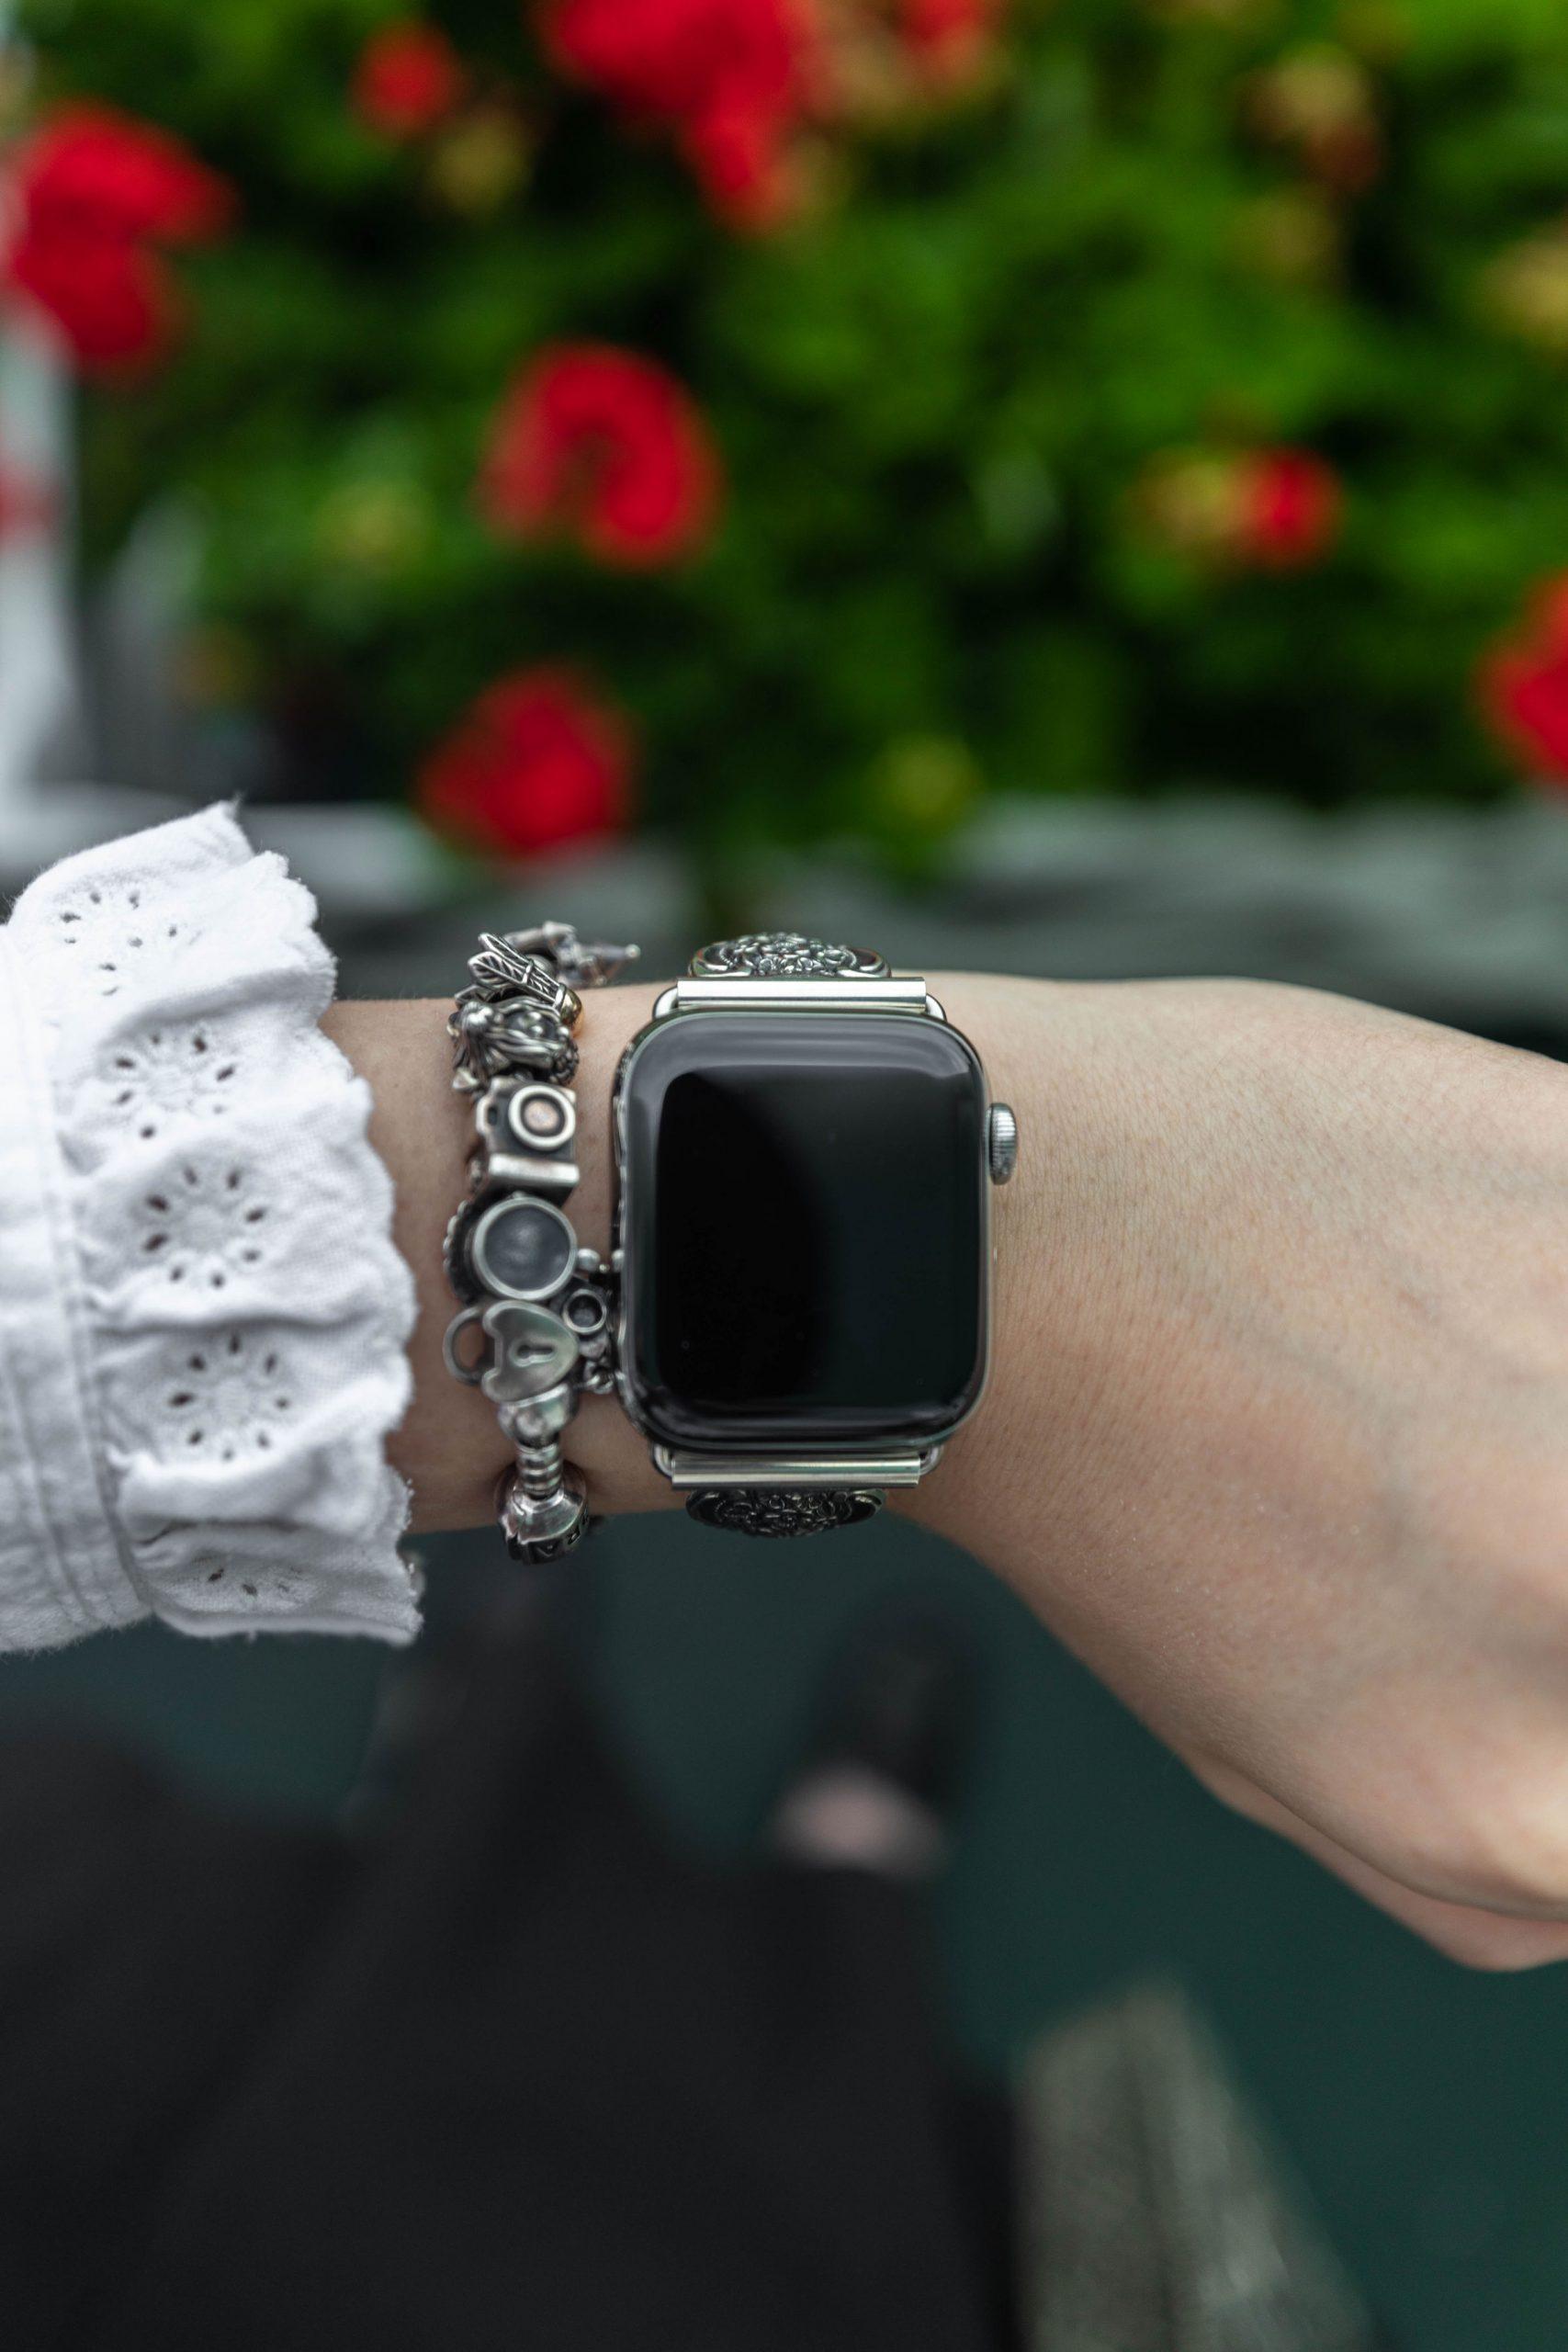 Floral & Botanicals Relief Silver Watch Band by Annie Fairfax